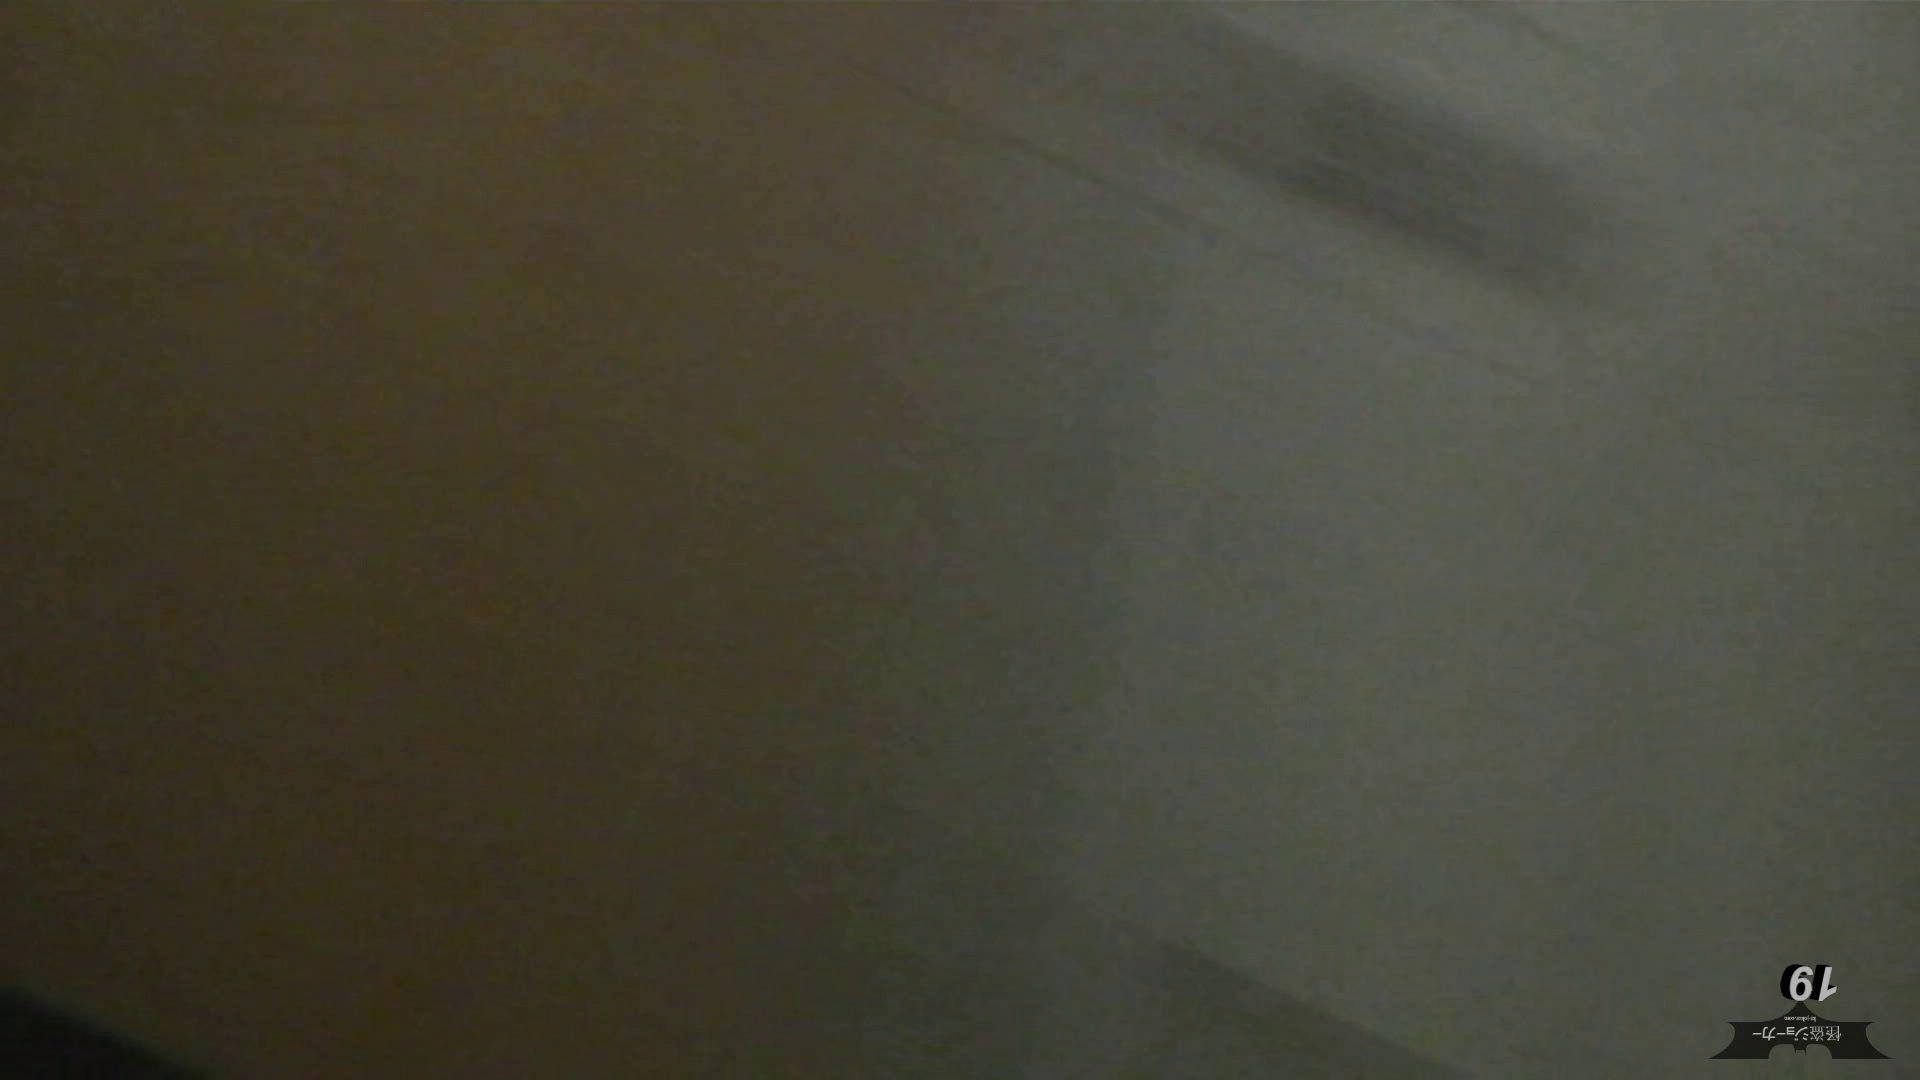 阿国ちゃんの「和式洋式七変化」 (NEW)19 「雫」はしっかりと切るんです! 和式・女子用 エロ無料画像 86画像 71